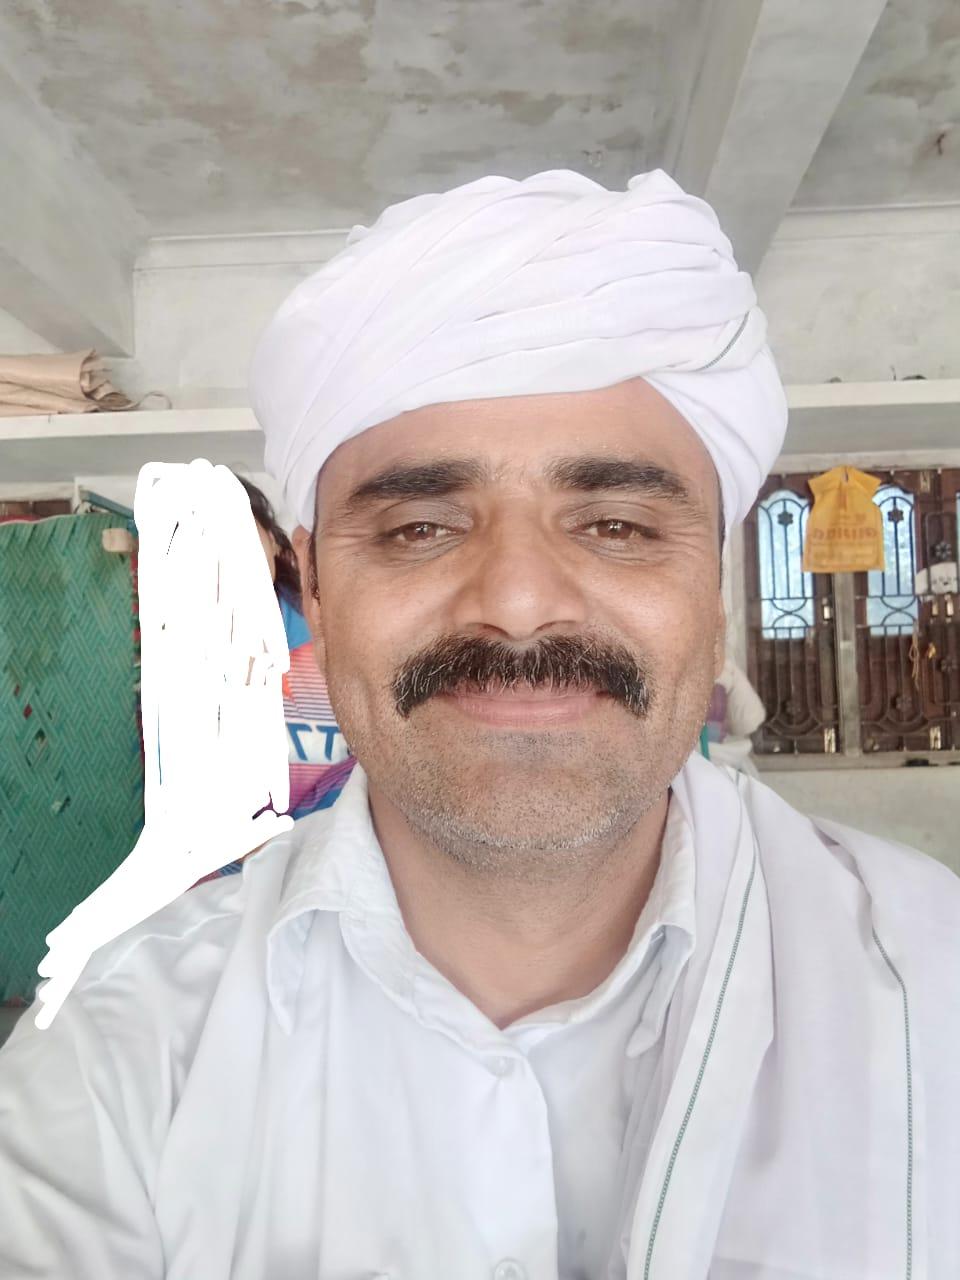 Bhemabhai Chaudhari